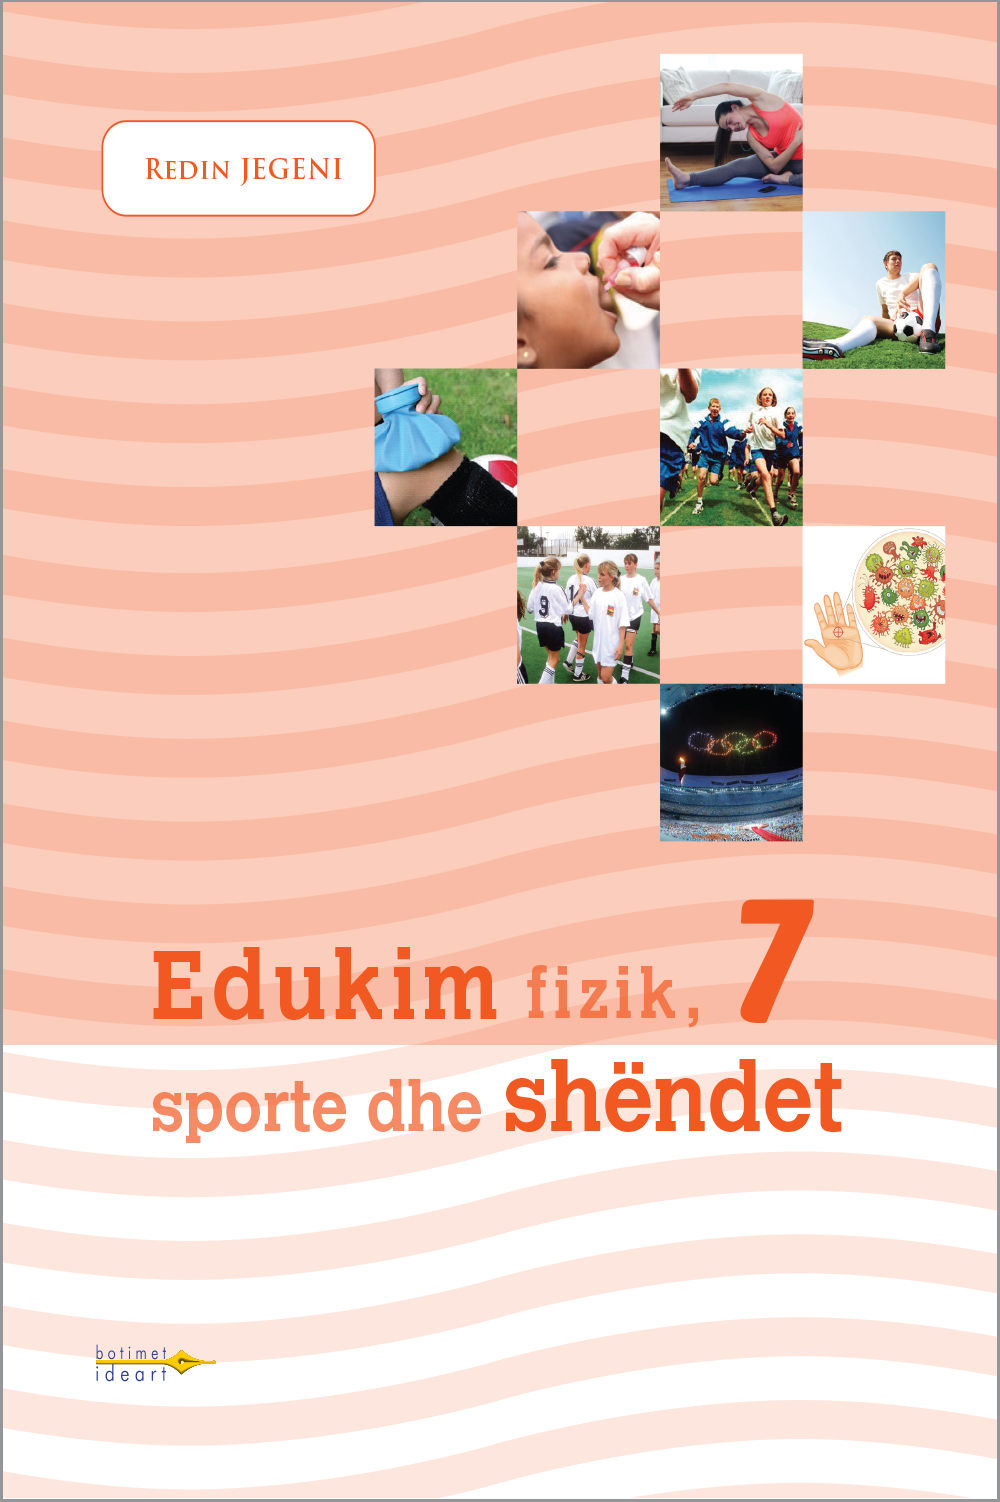 Edukim fizik, sporte dhe shëndet 7